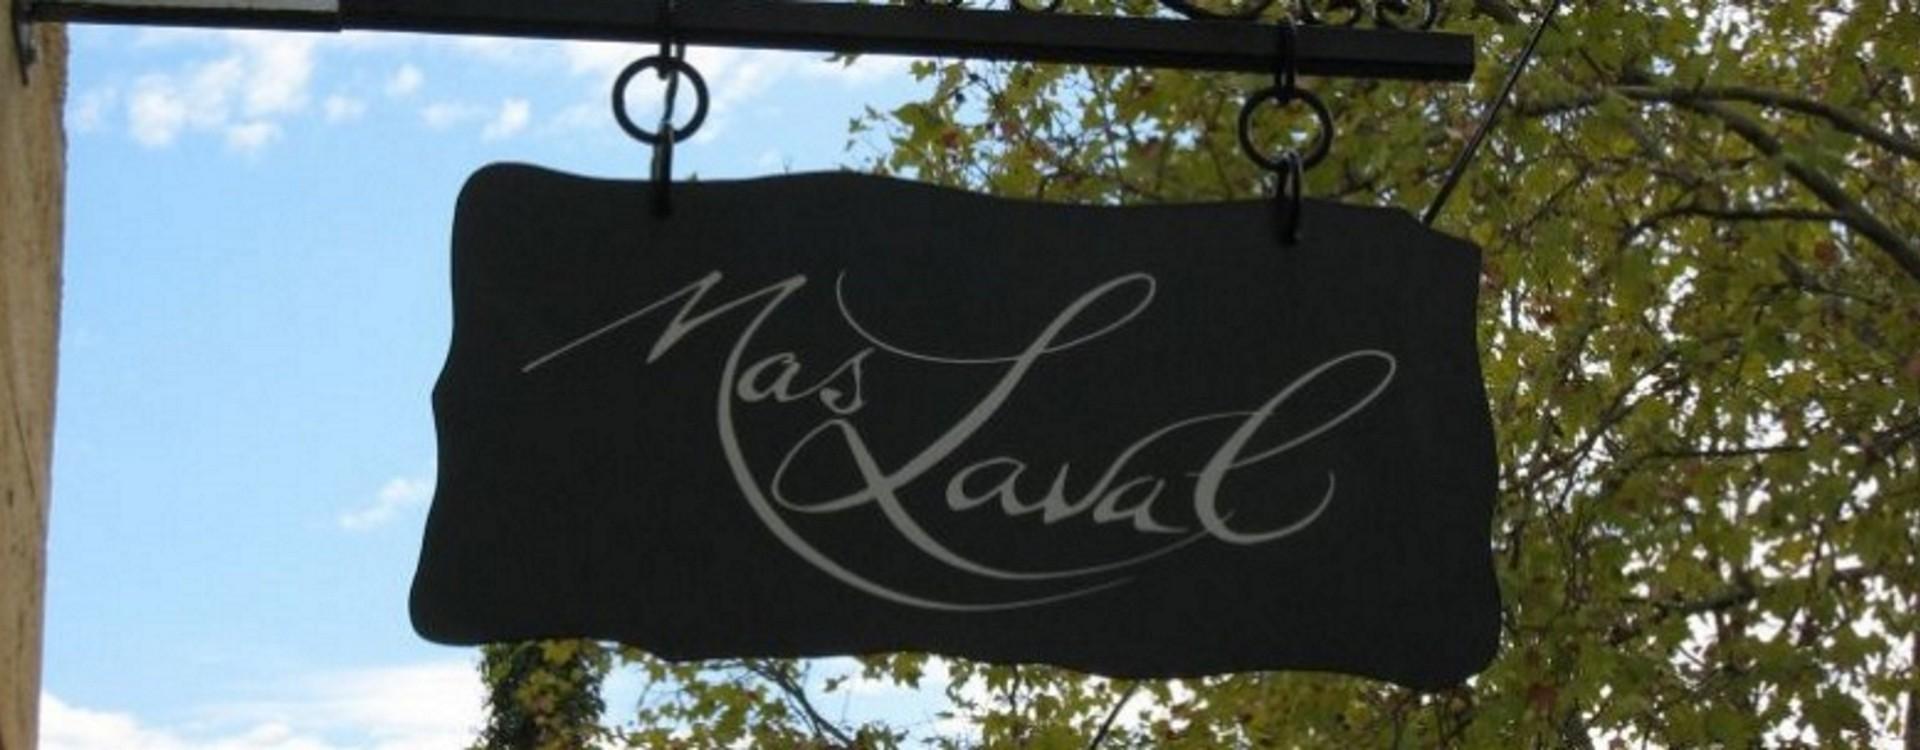 Domaine Mas Laval